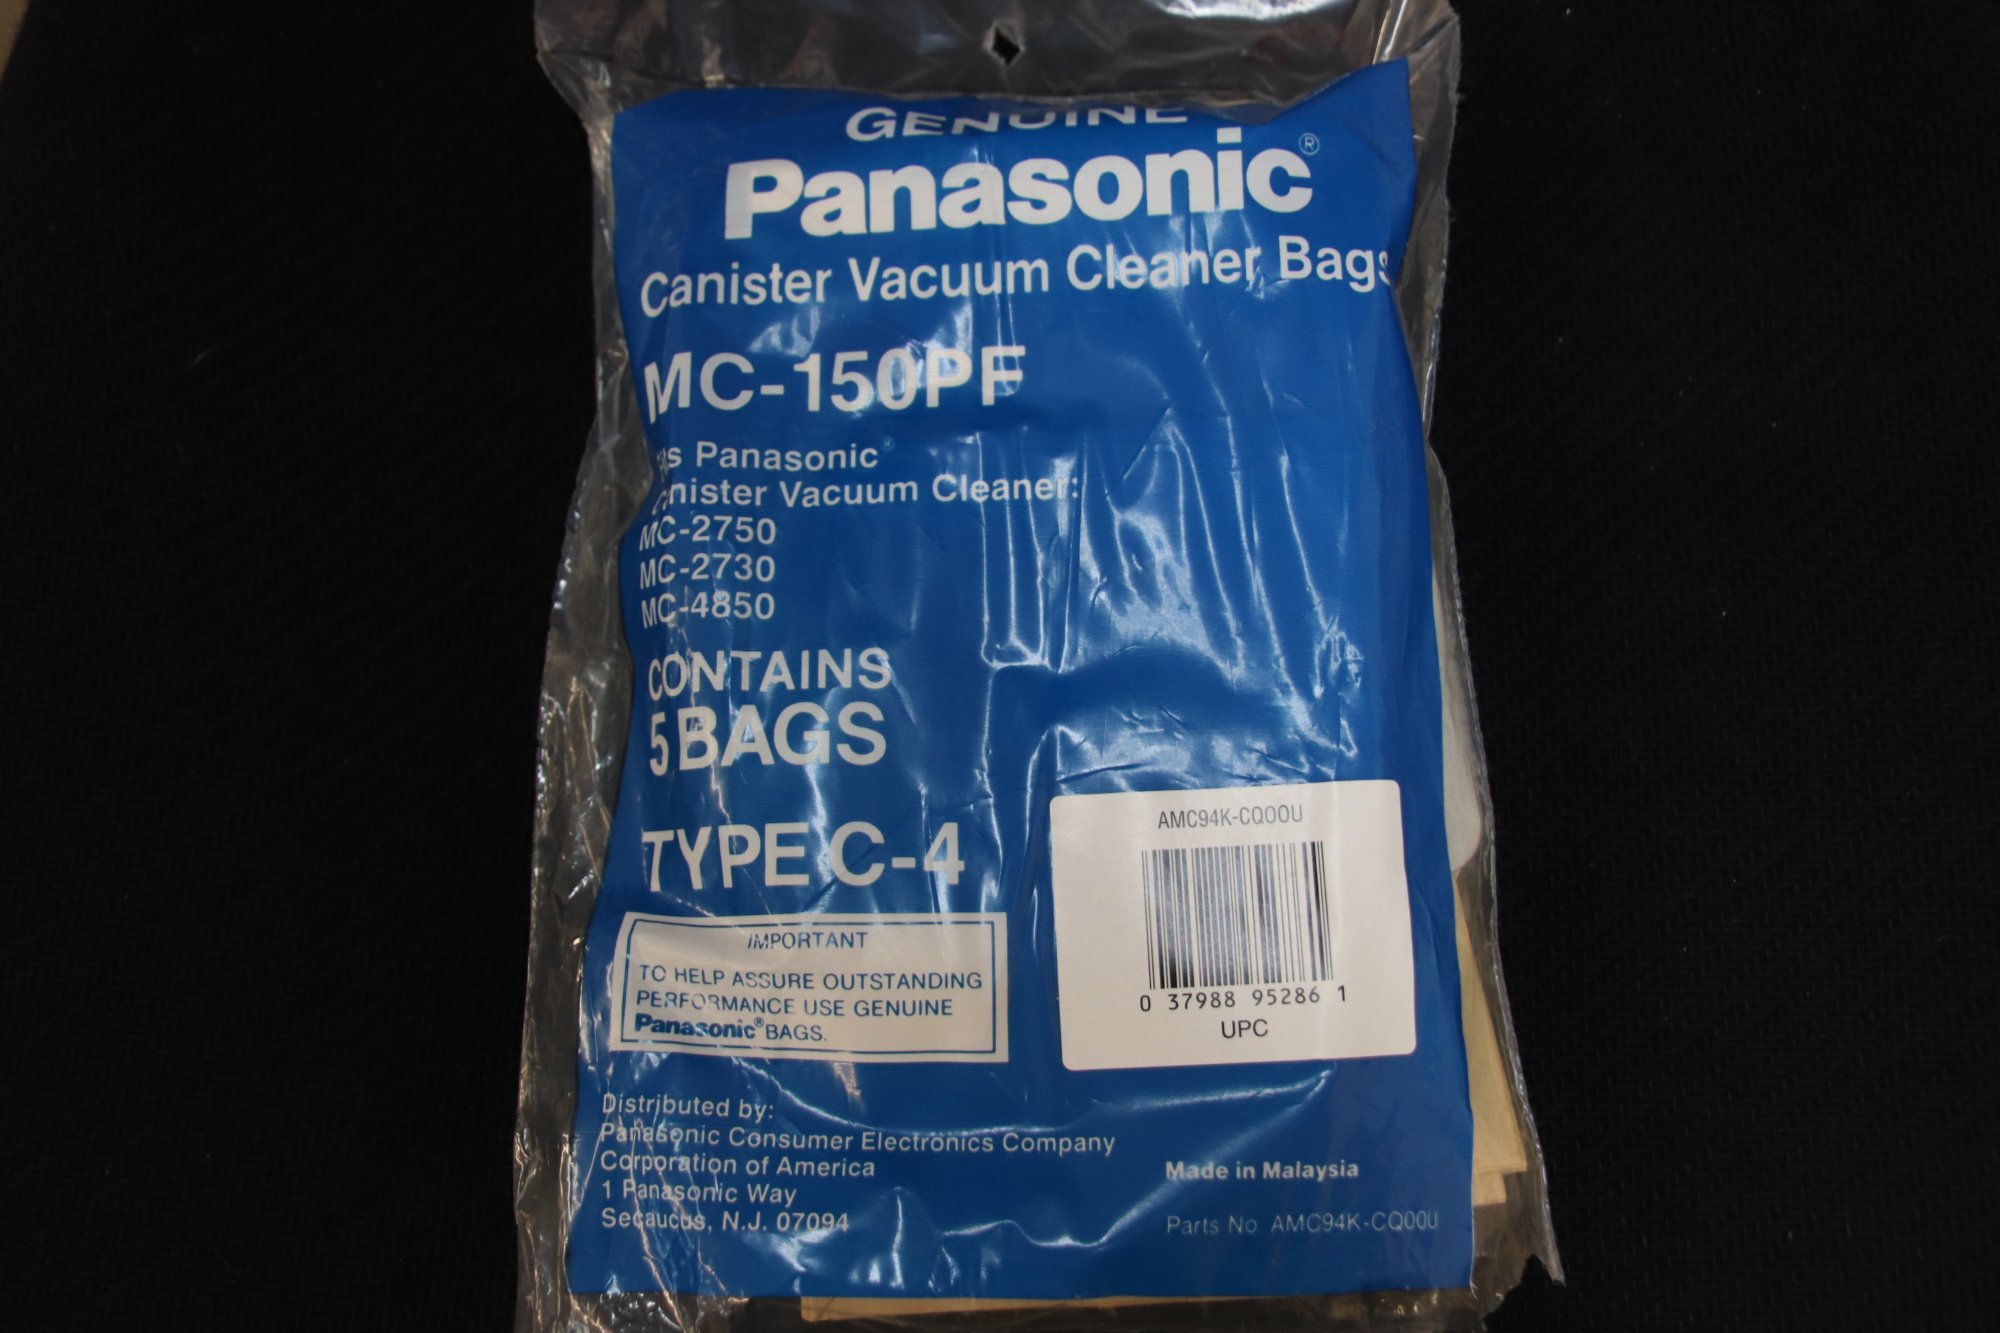 Genuine Panasonic Canister Vacuum cleaner MC-150PF